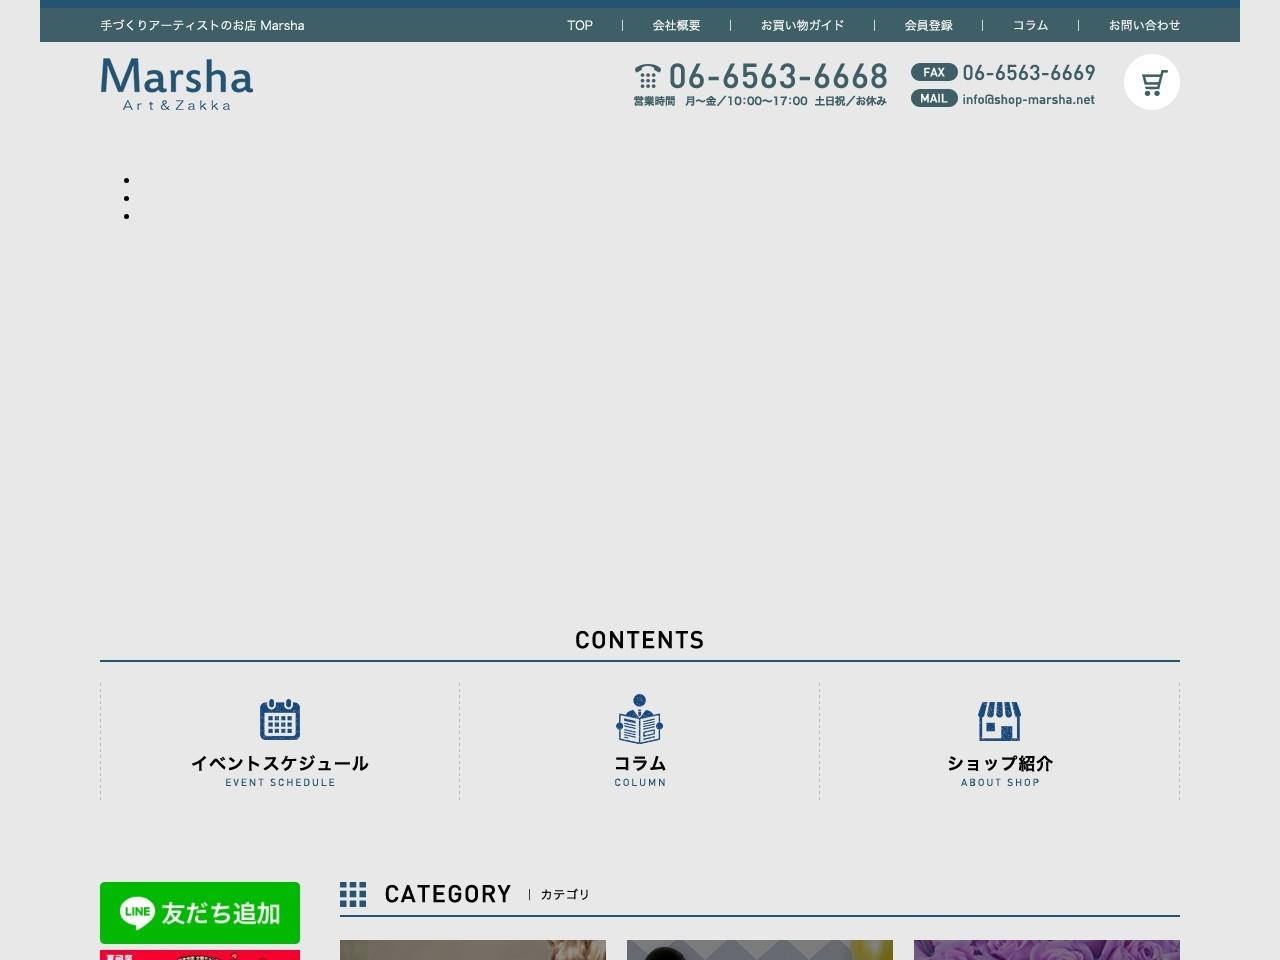 名前詩、似顔絵、お名前はんこなど手づくりアーティストのお店Marsha(マーシャ)